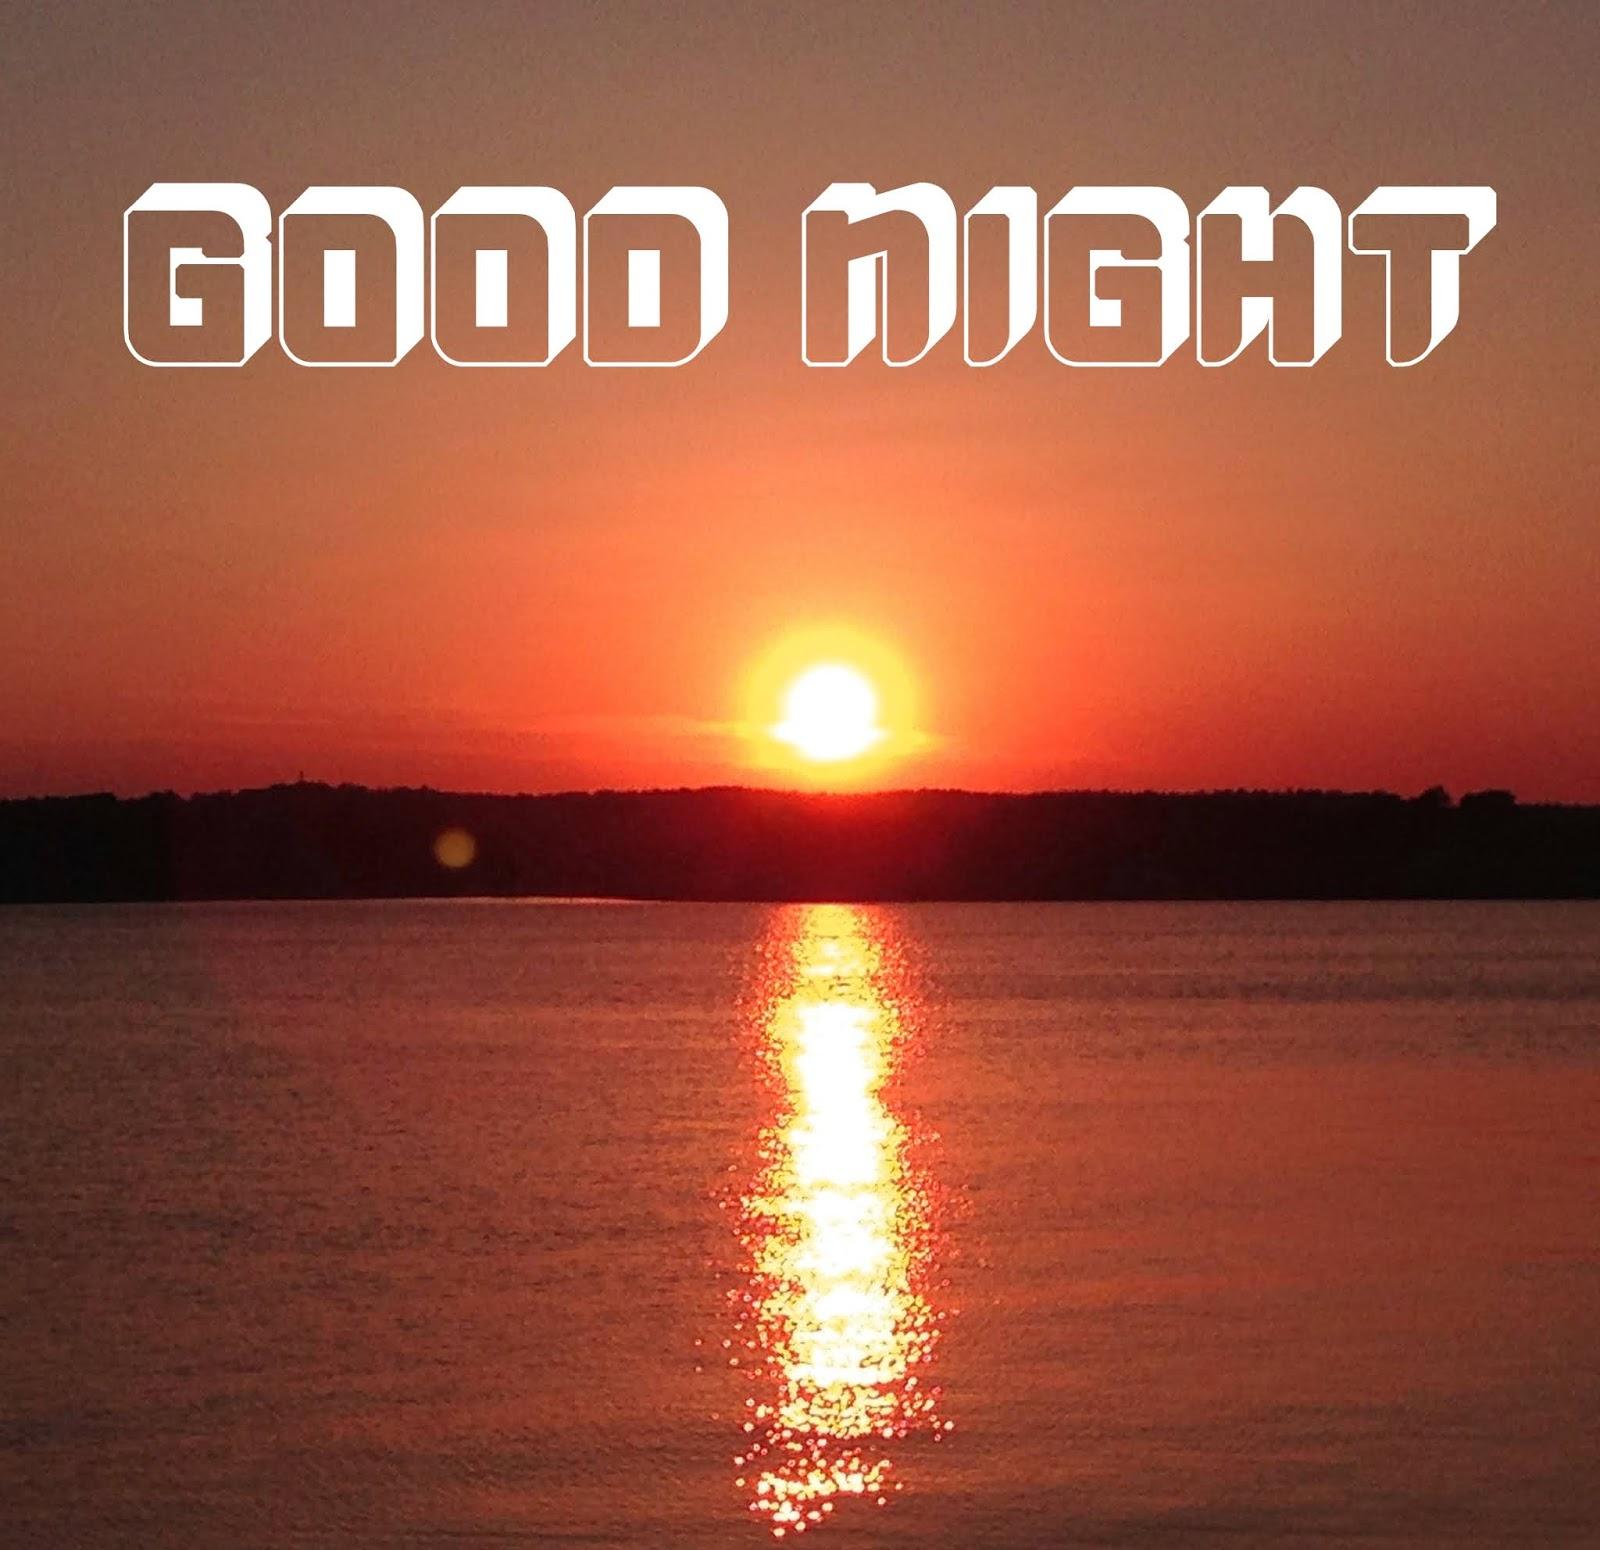 good morning good night status